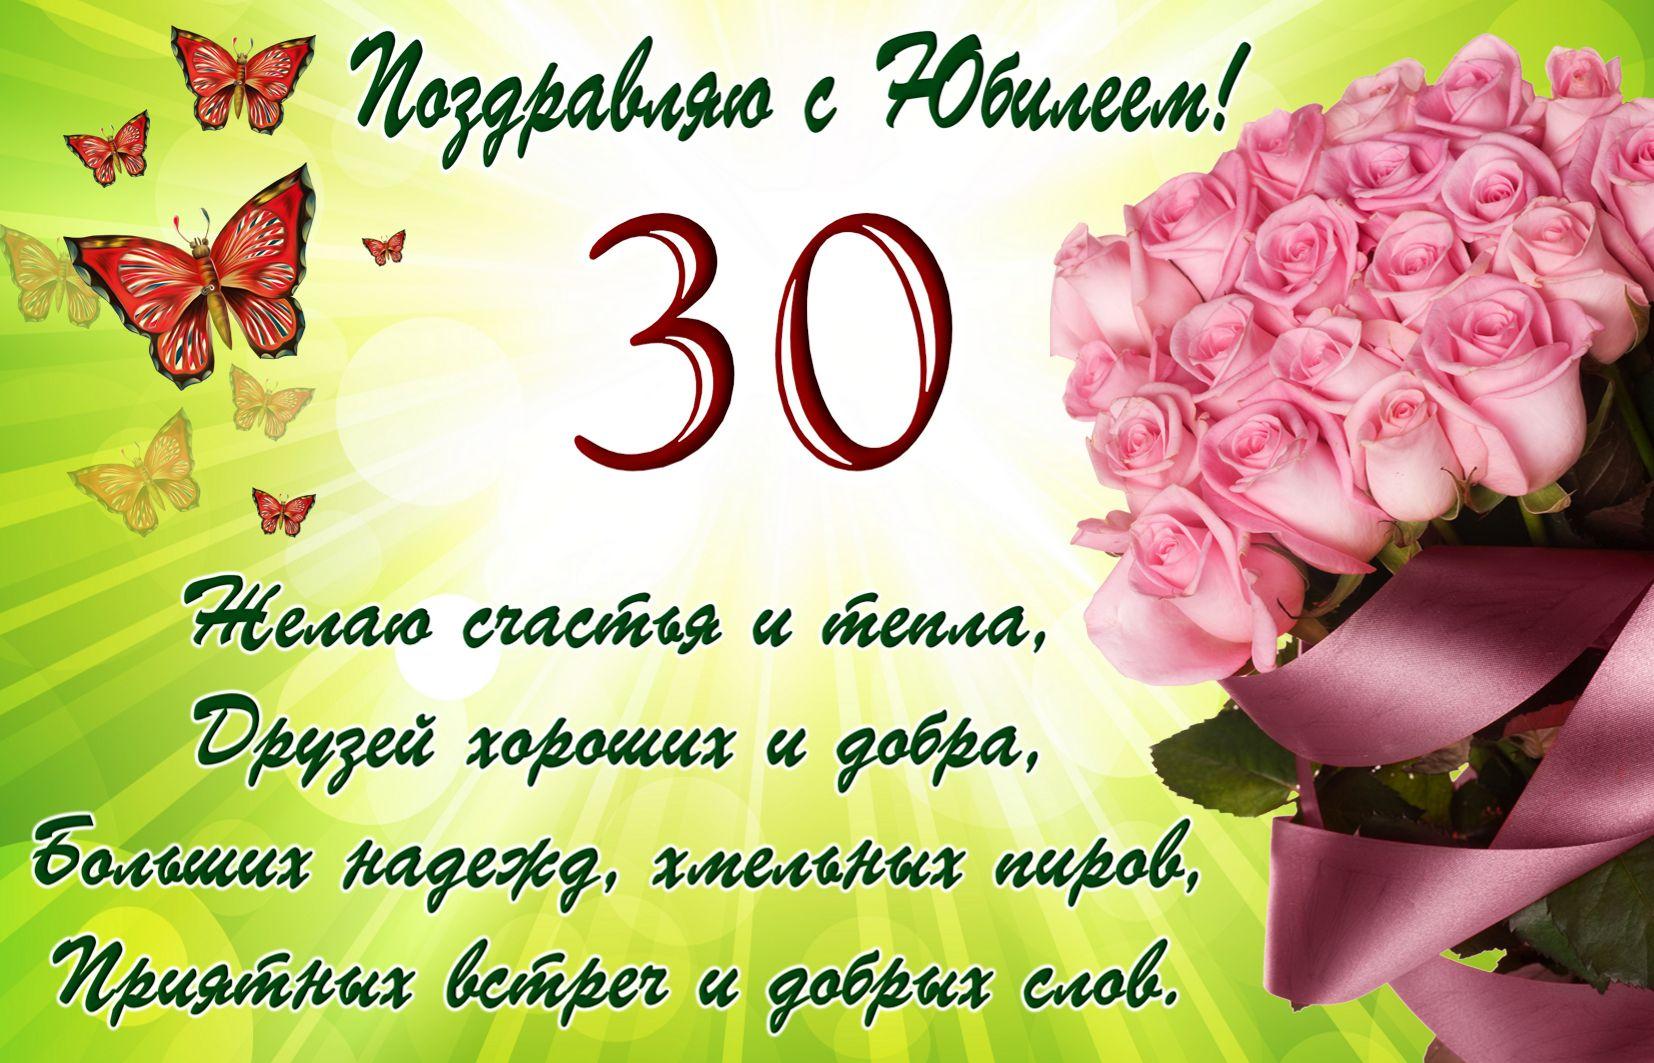 Днем рождения, открытки на 30 лет поздравленья